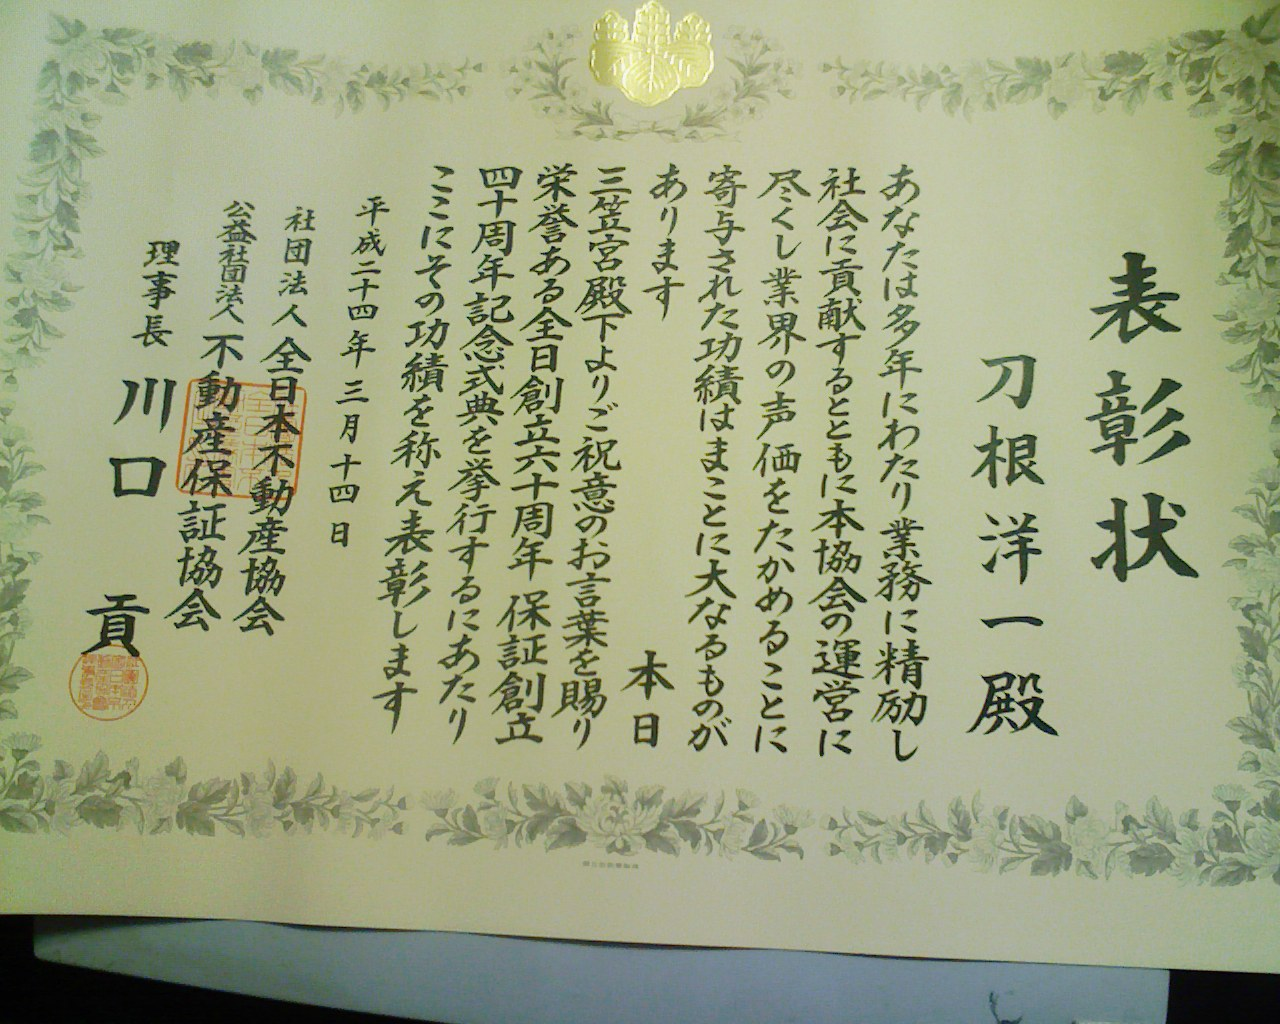 全日本不動産協会川崎支部総会が開かれました_d0057733_11552286.jpg